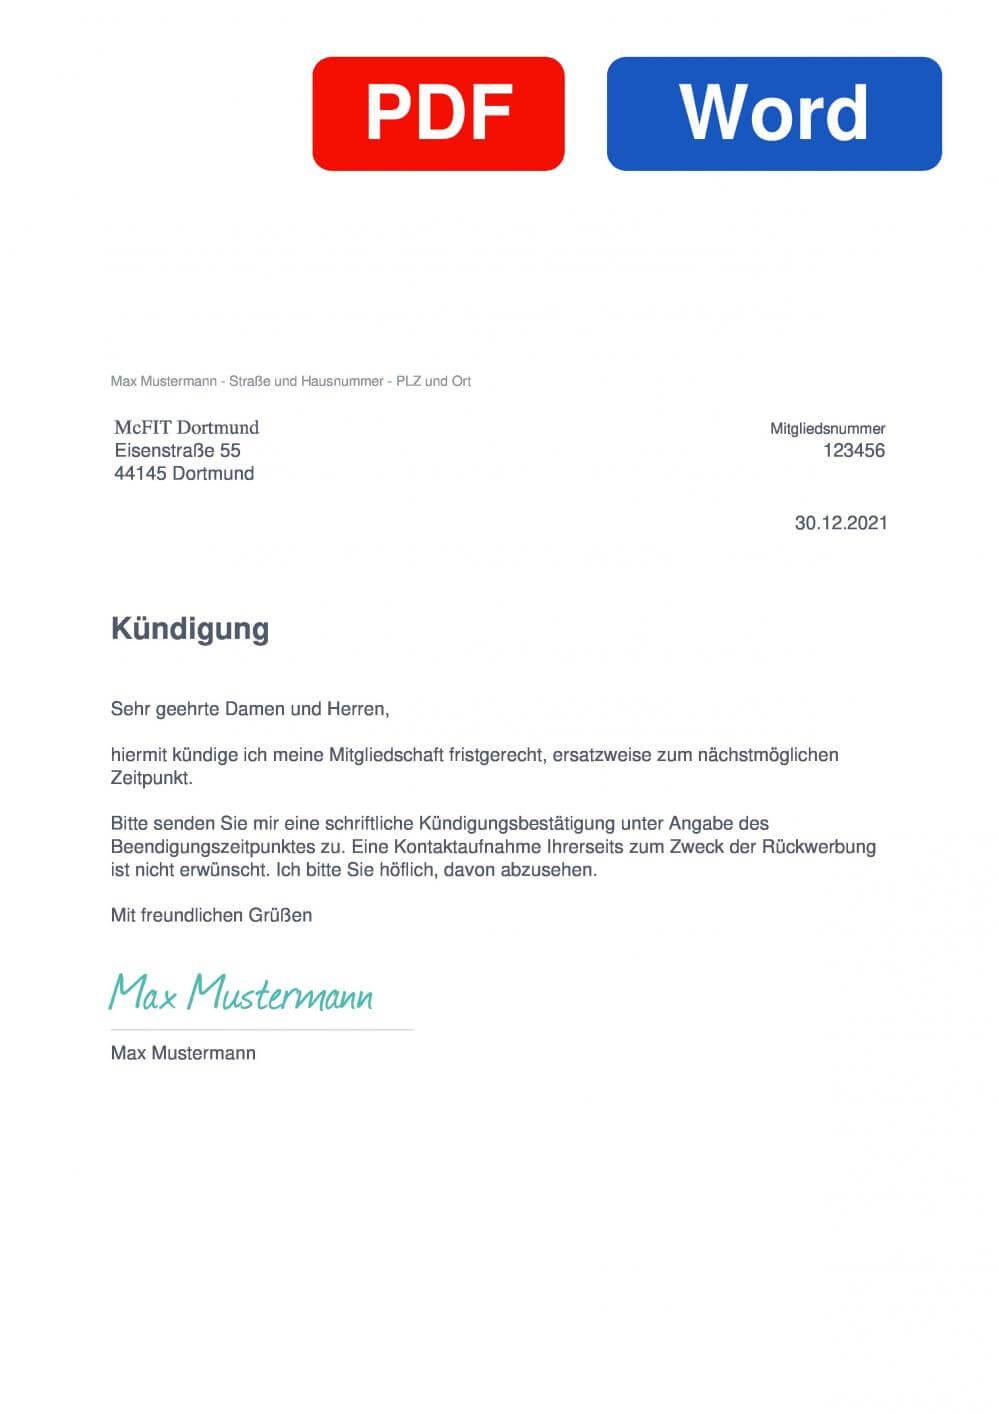 McFIT Dortmund  Muster Vorlage für Kündigungsschreiben